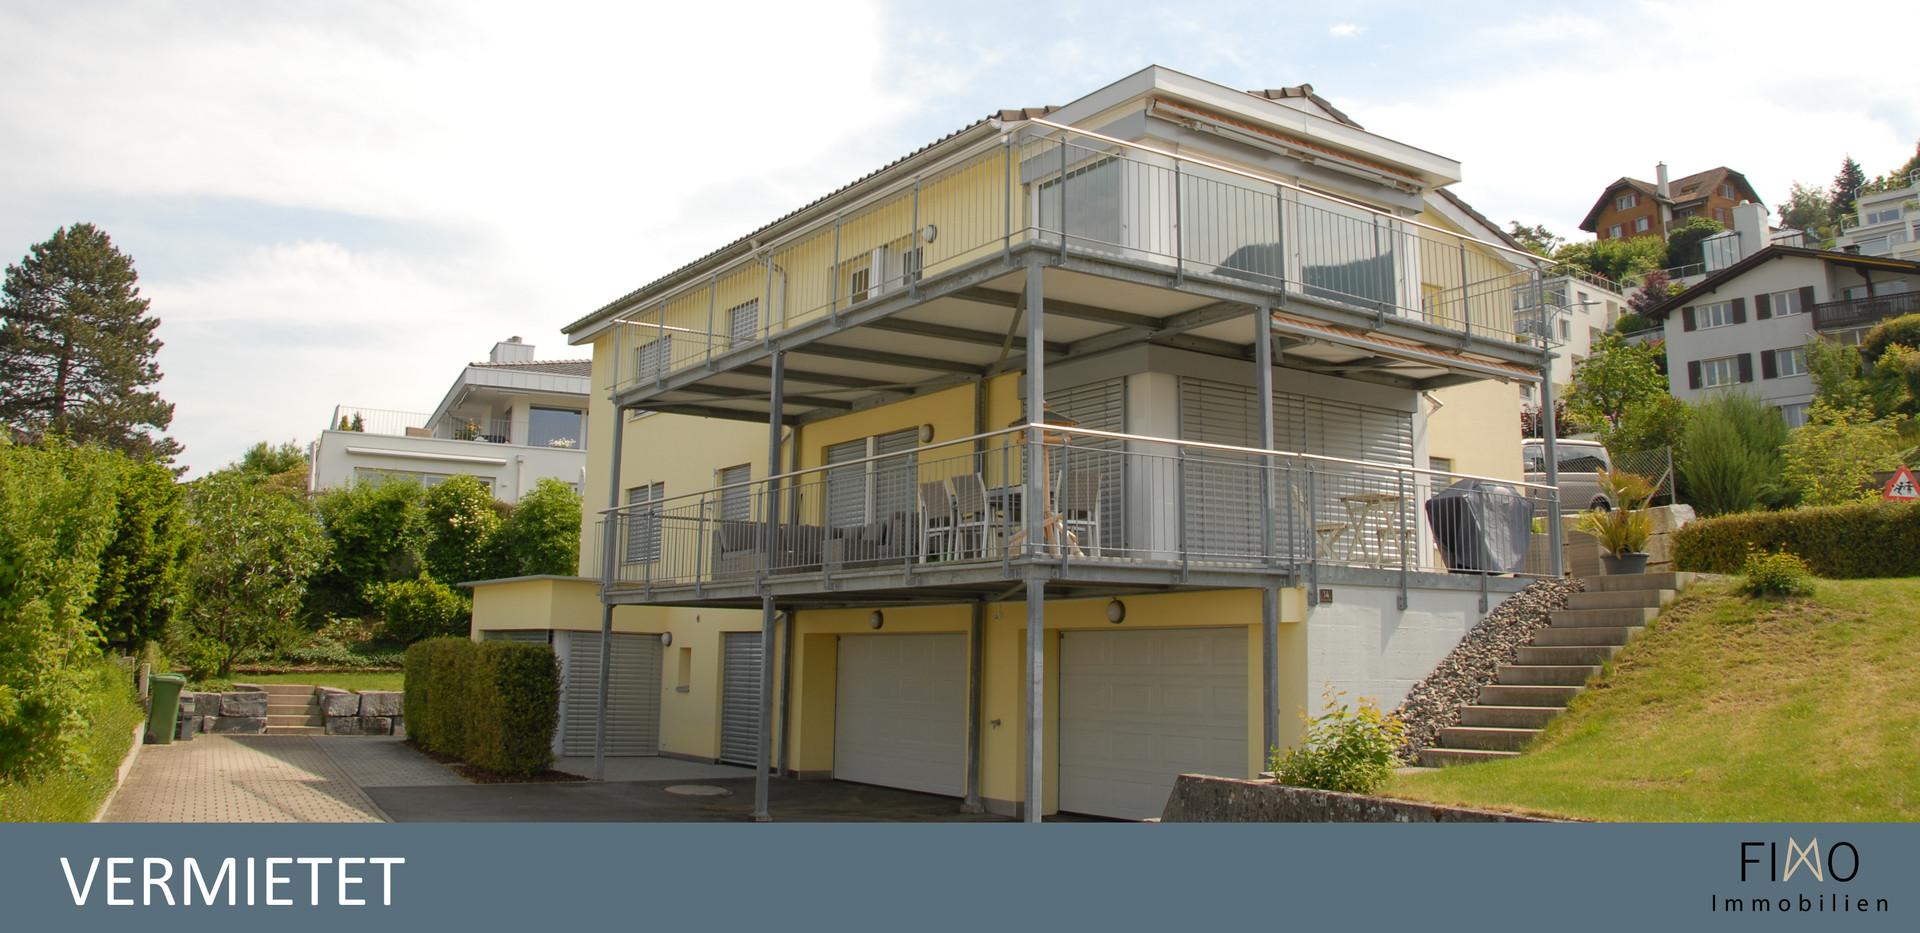 Wohnungen in Mehrfamilien